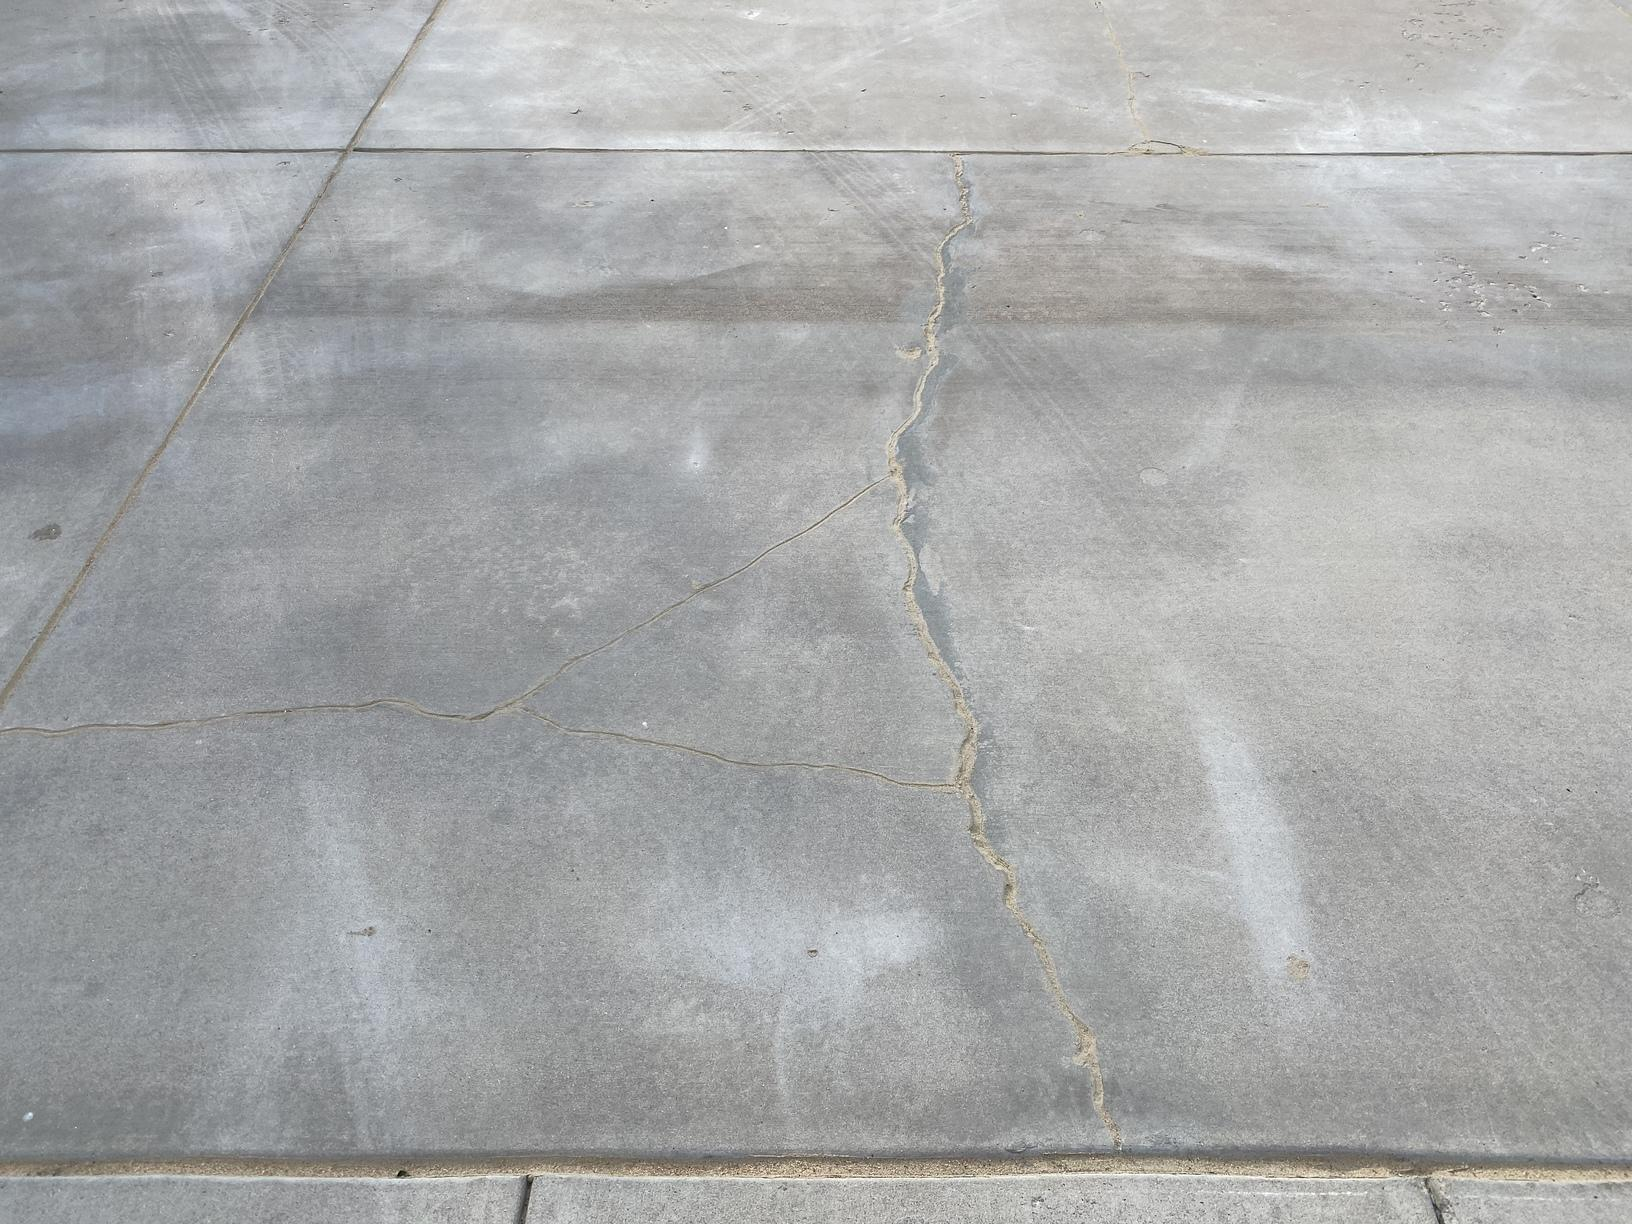 Cracked Concrete Repair